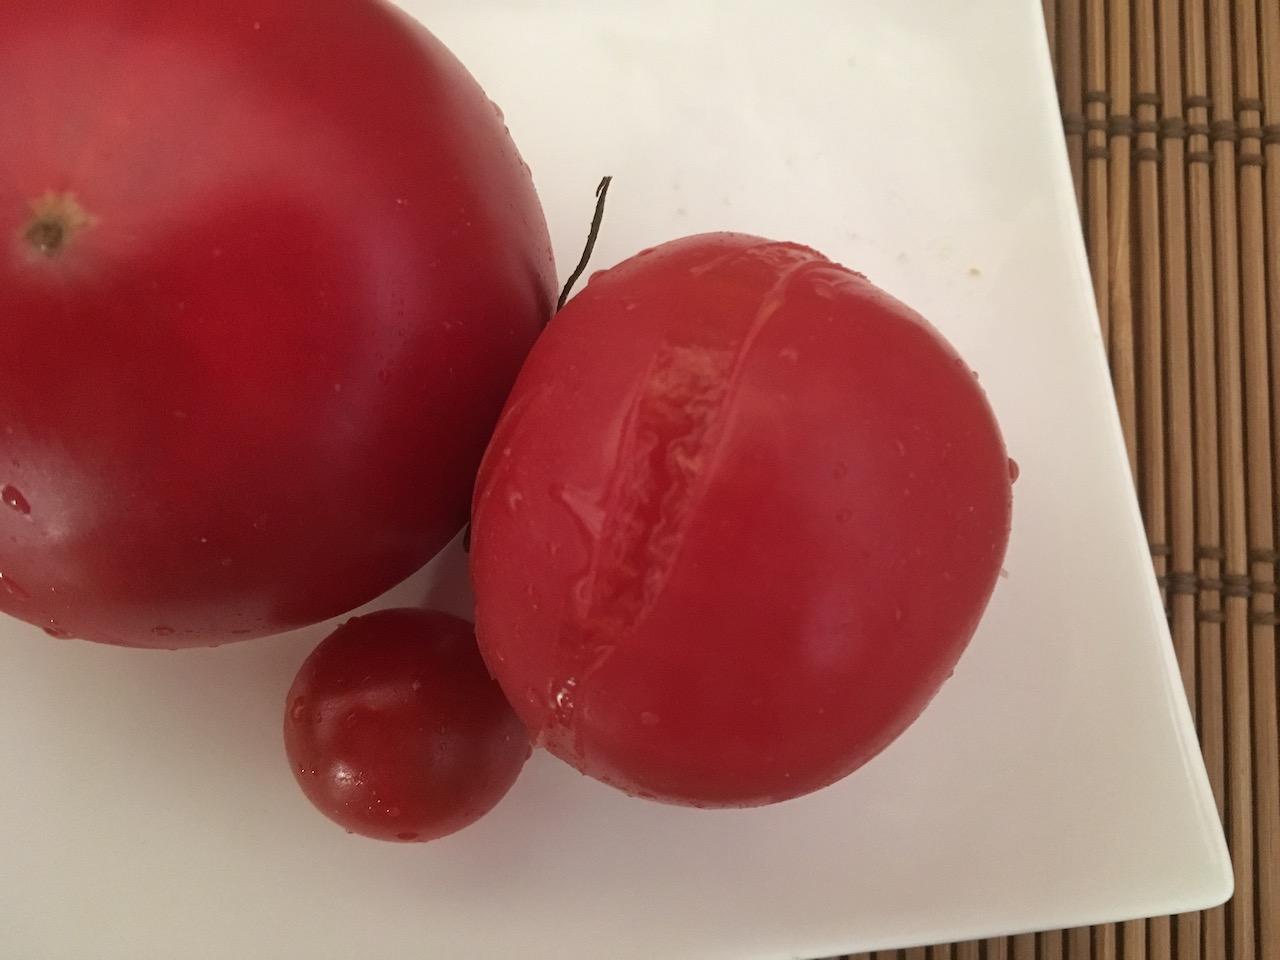 ぬか床に入れることでトマトの皮が破れそうになっている